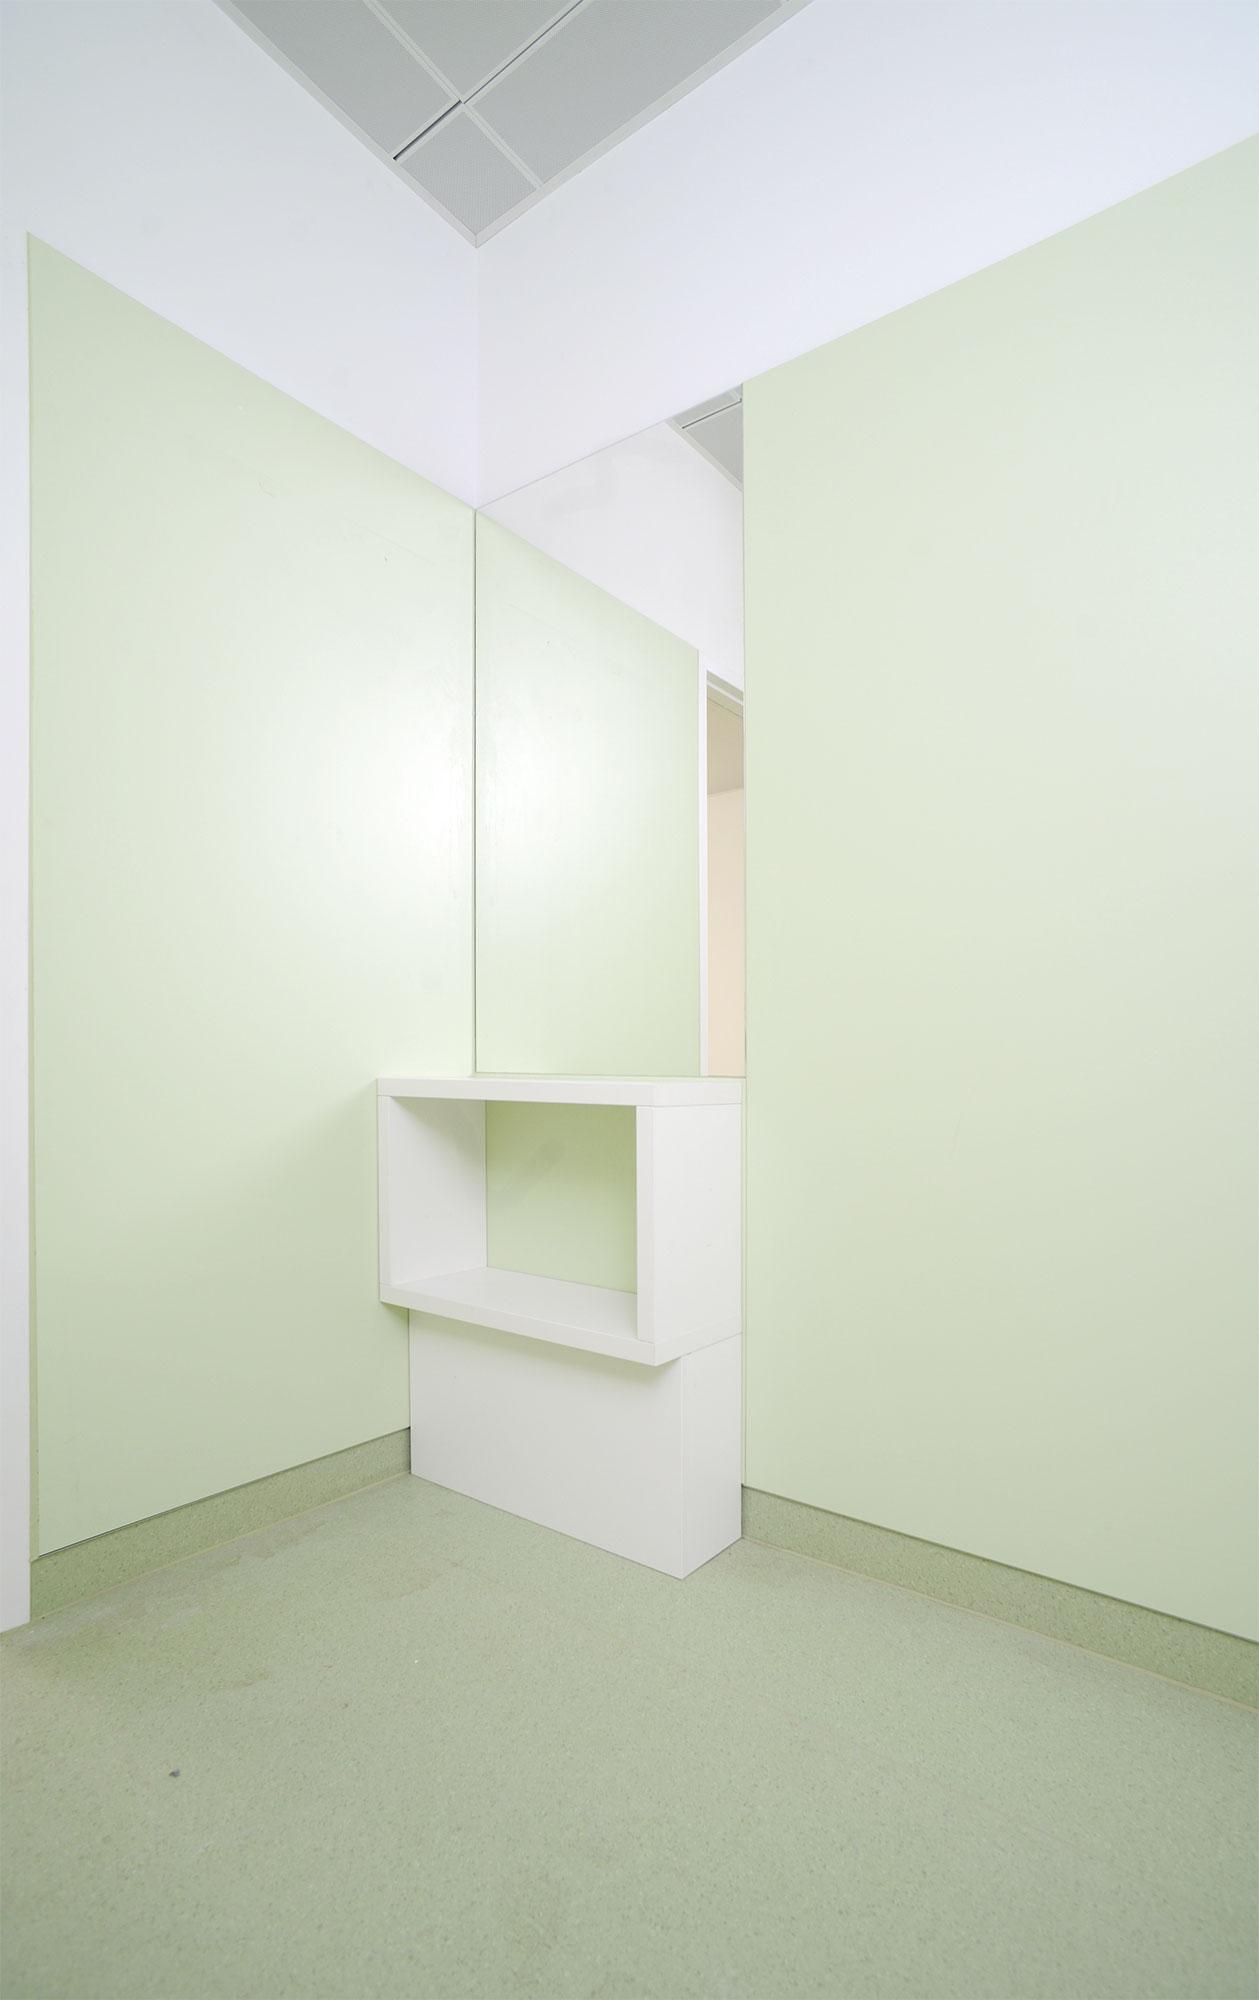 Klinikum Ravensburg – Schiffler Möbelwerke